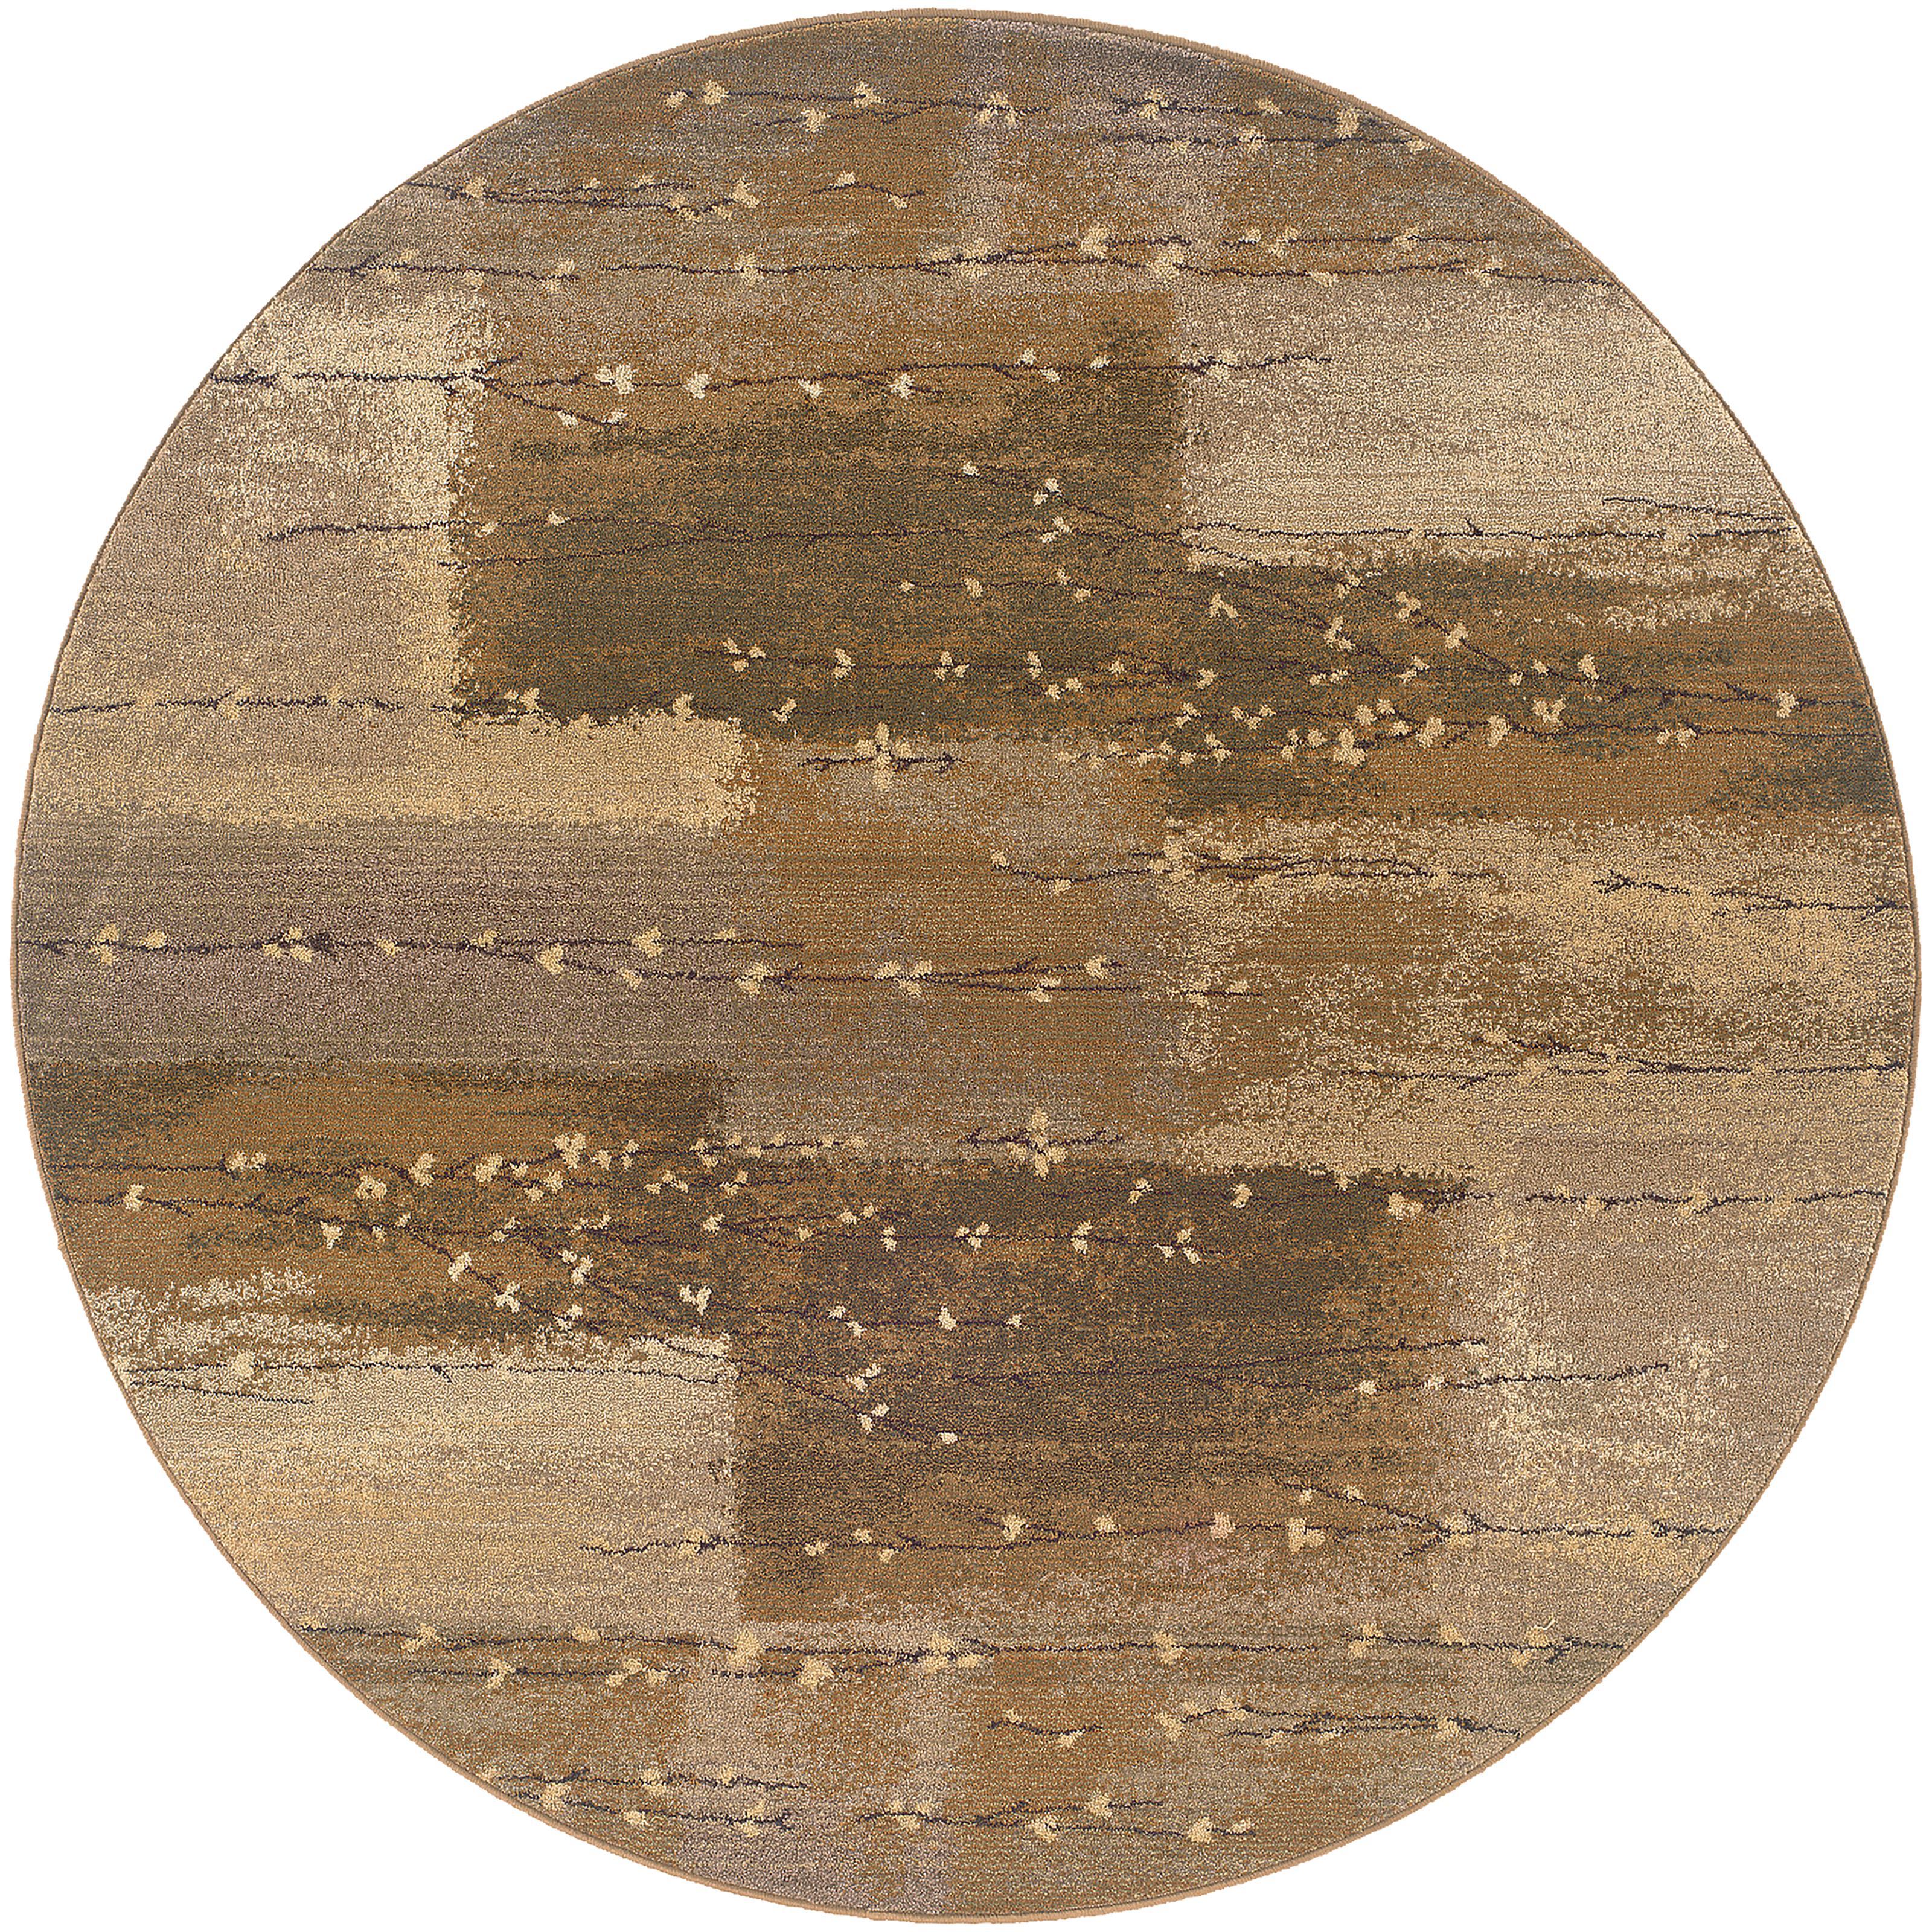 Oriental Weavers Genesis 8' Rug - Item Number: G908A1240240ST